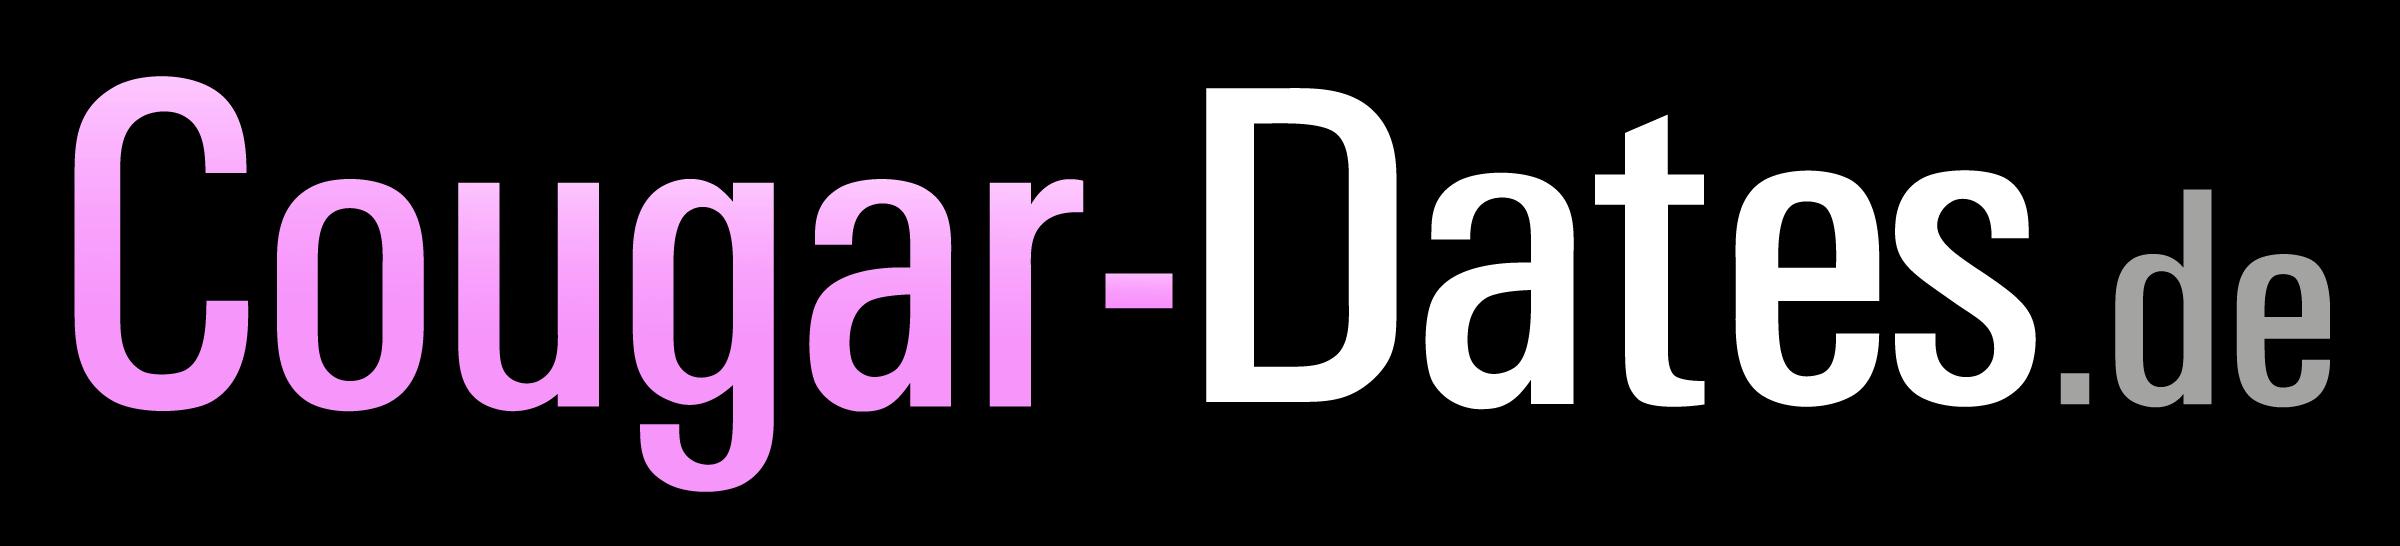 Cougar-Dates Logo